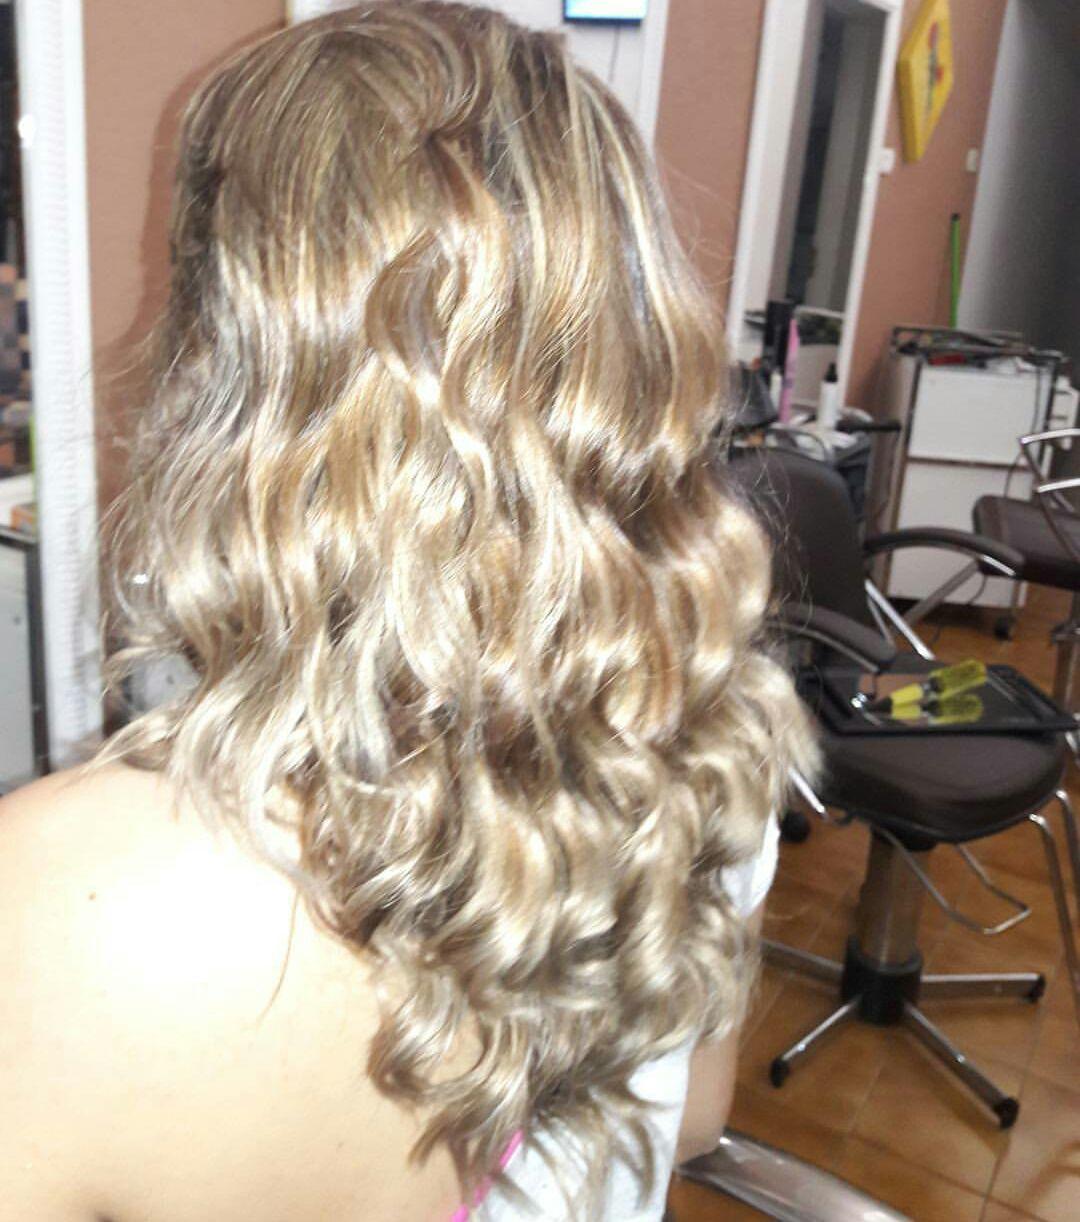 Cabelo colorido em Mel ,luzes finas em tom platinado cabelo cabeleireiro(a) dermopigmentador(a) designer de sobrancelhas maquiador(a) cabeleireiro(a)